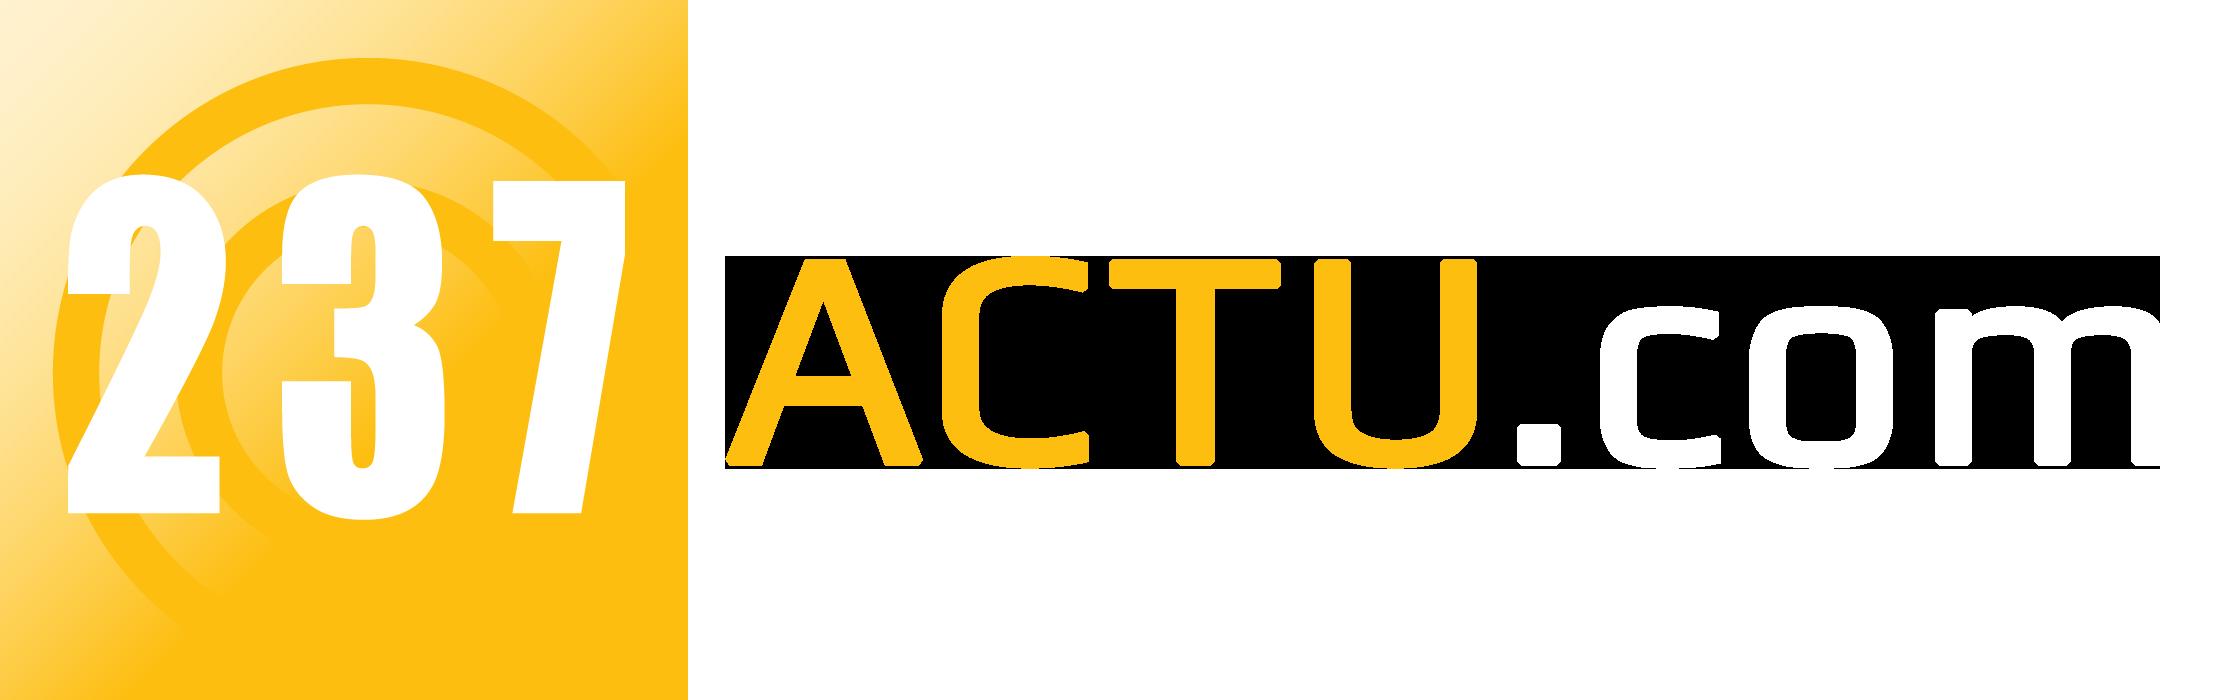 logo 237 Actu